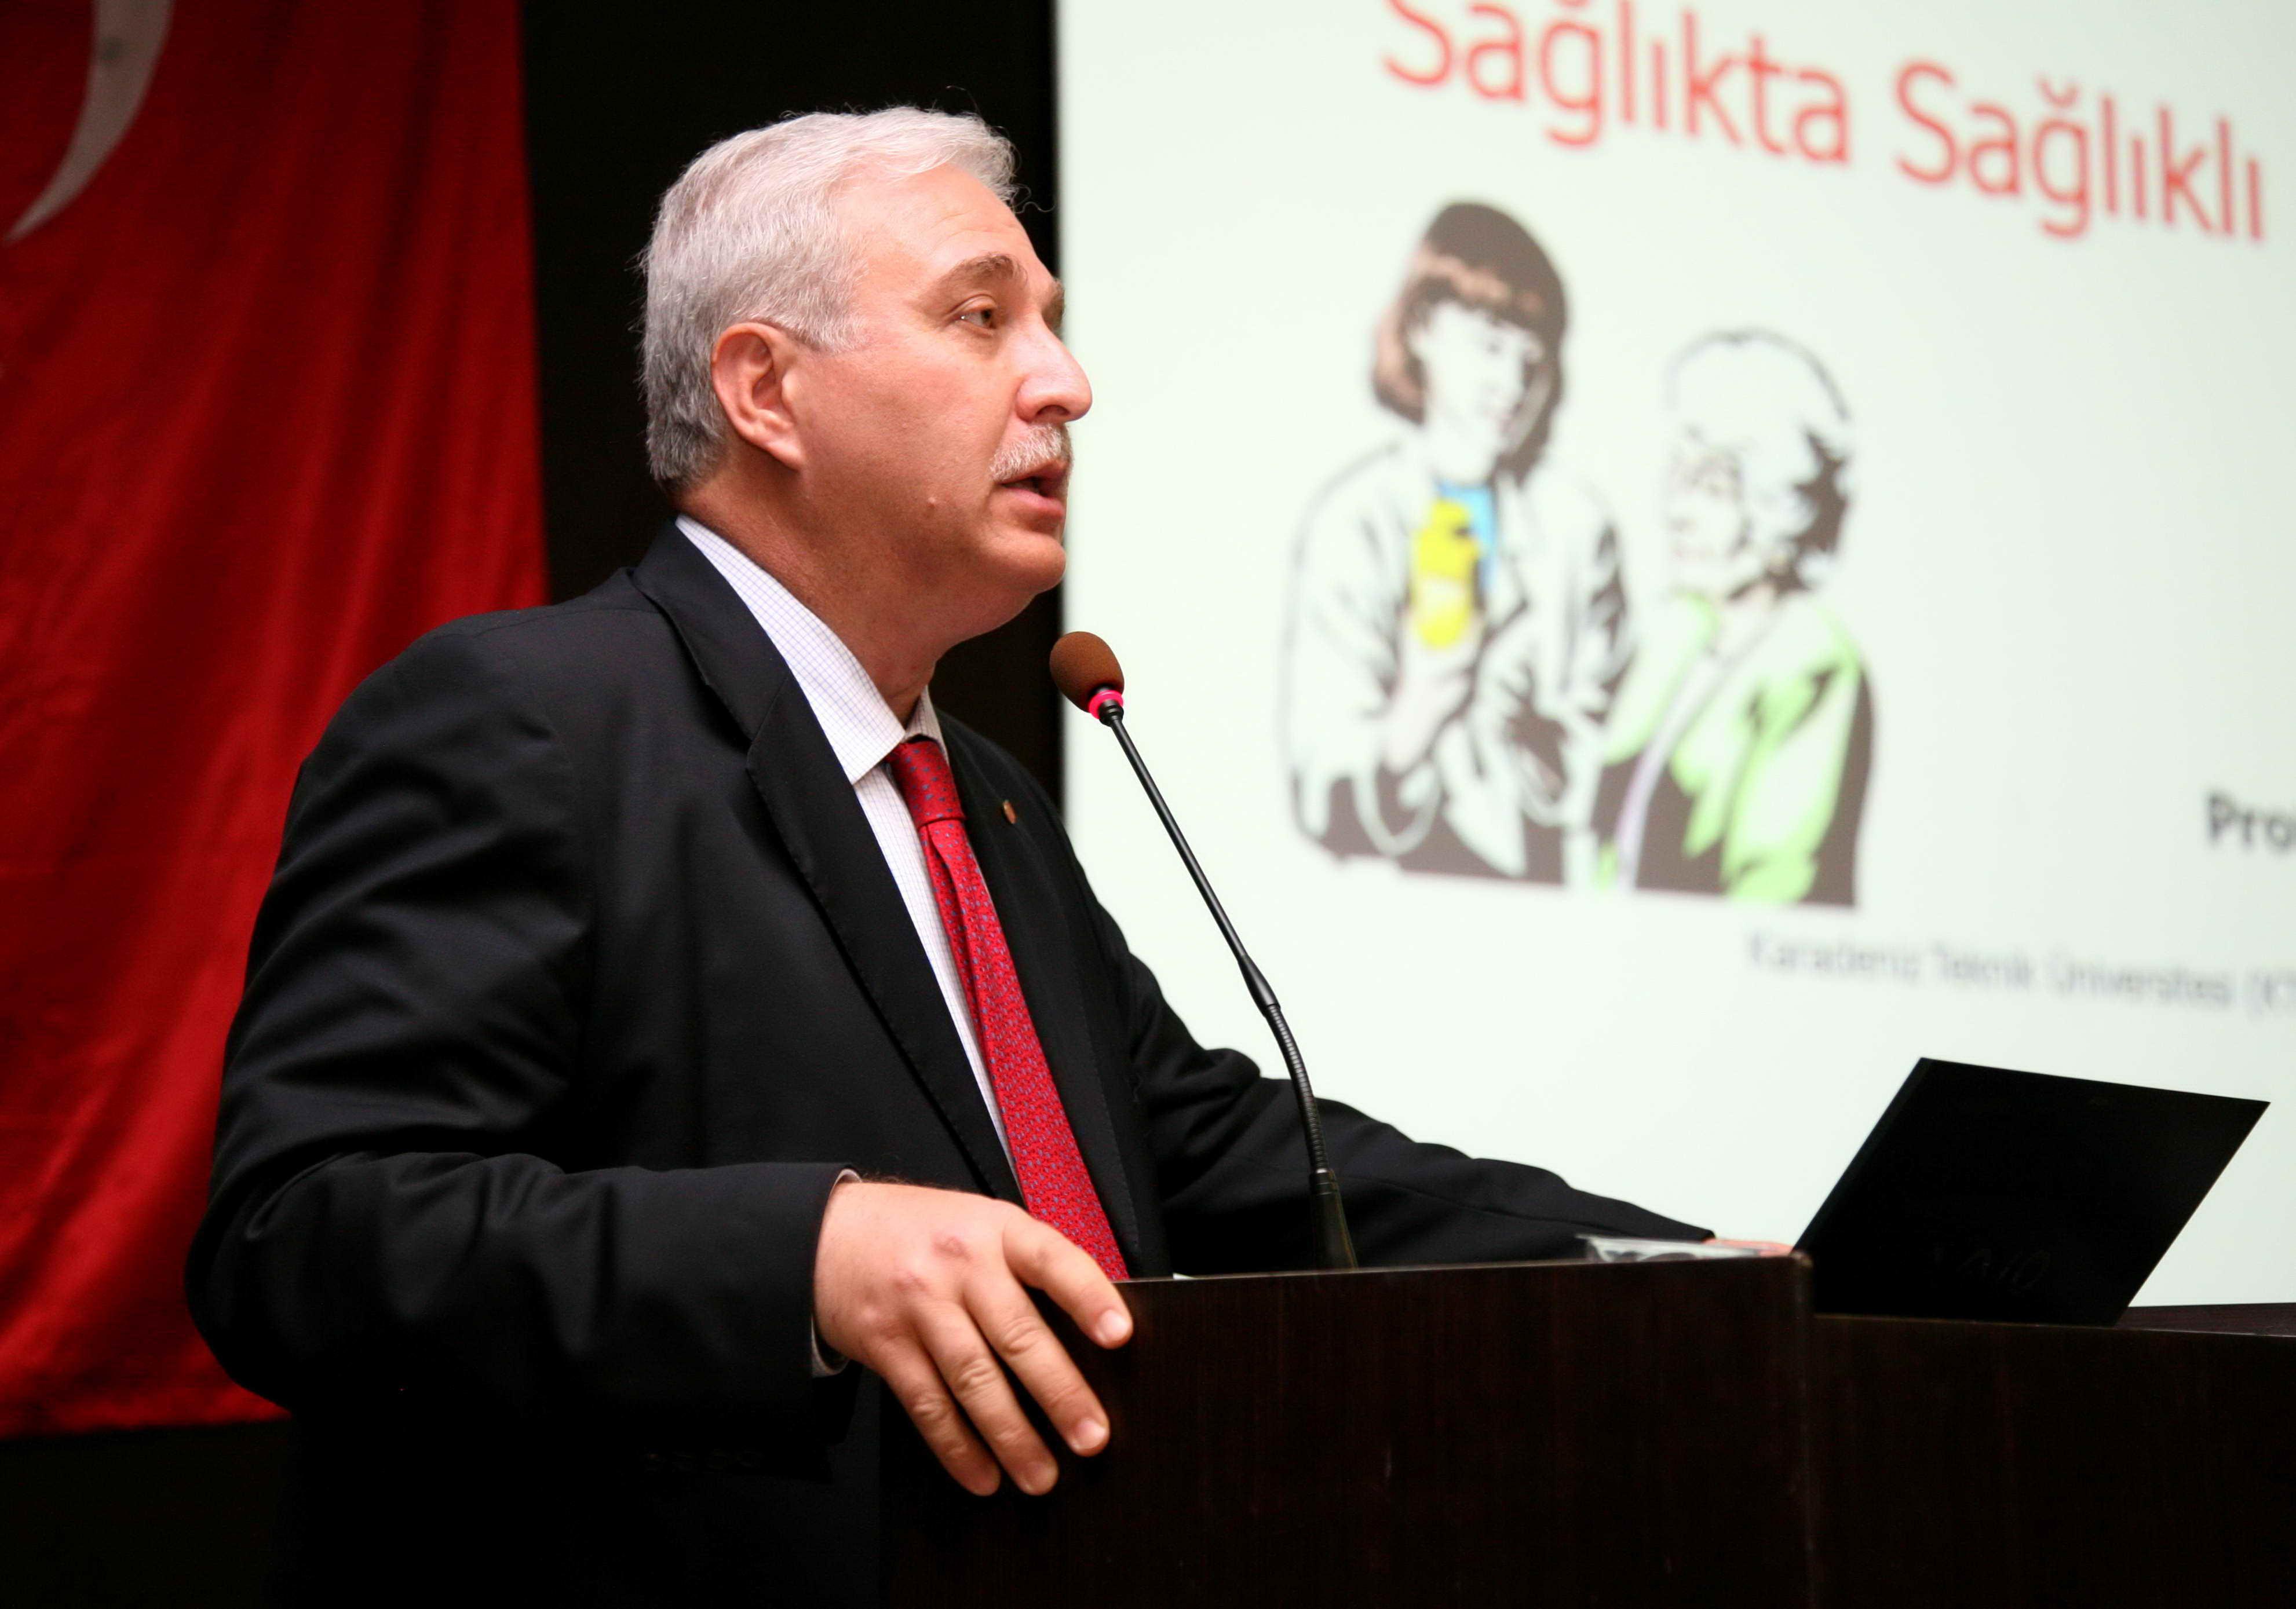 519-Sağlıkta İletişim - Prof_Dr_Tevfik Özlü